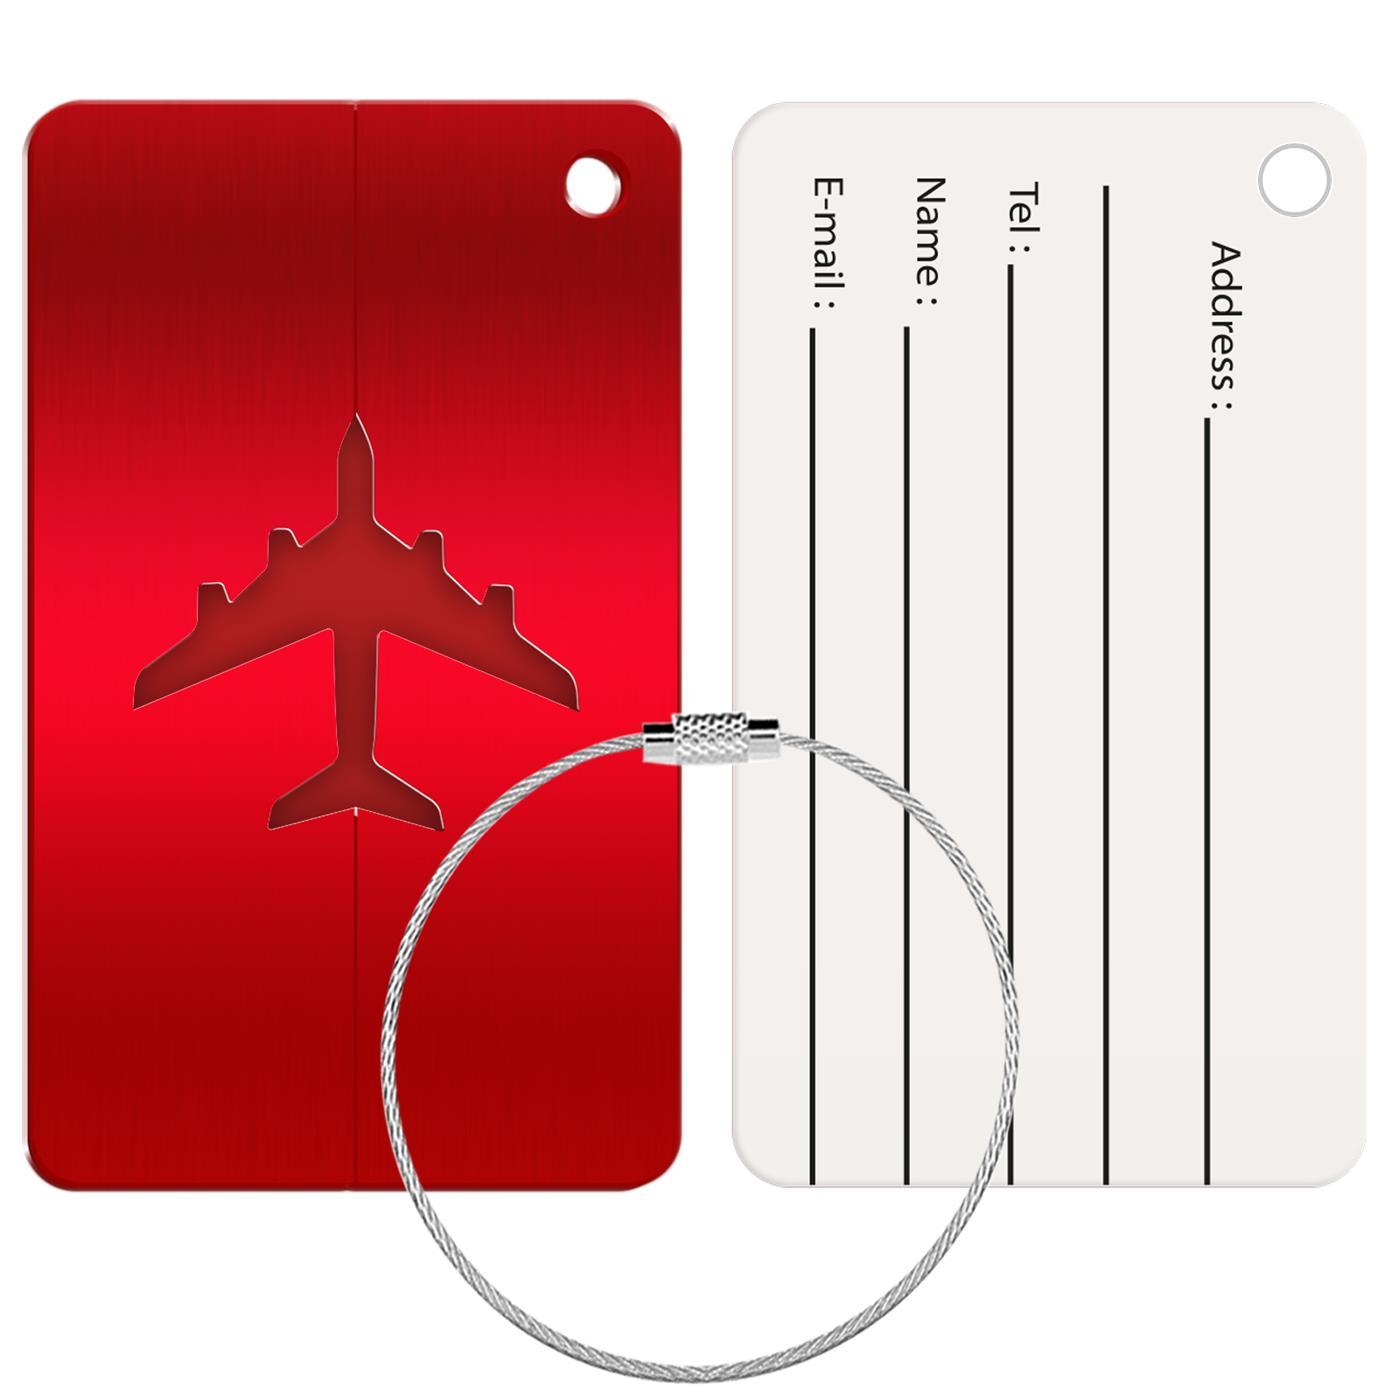 Reise Kofferanhänger Namensschild Gepäck Anhänger Schild Urlaub Flugzeug Trolley Rot